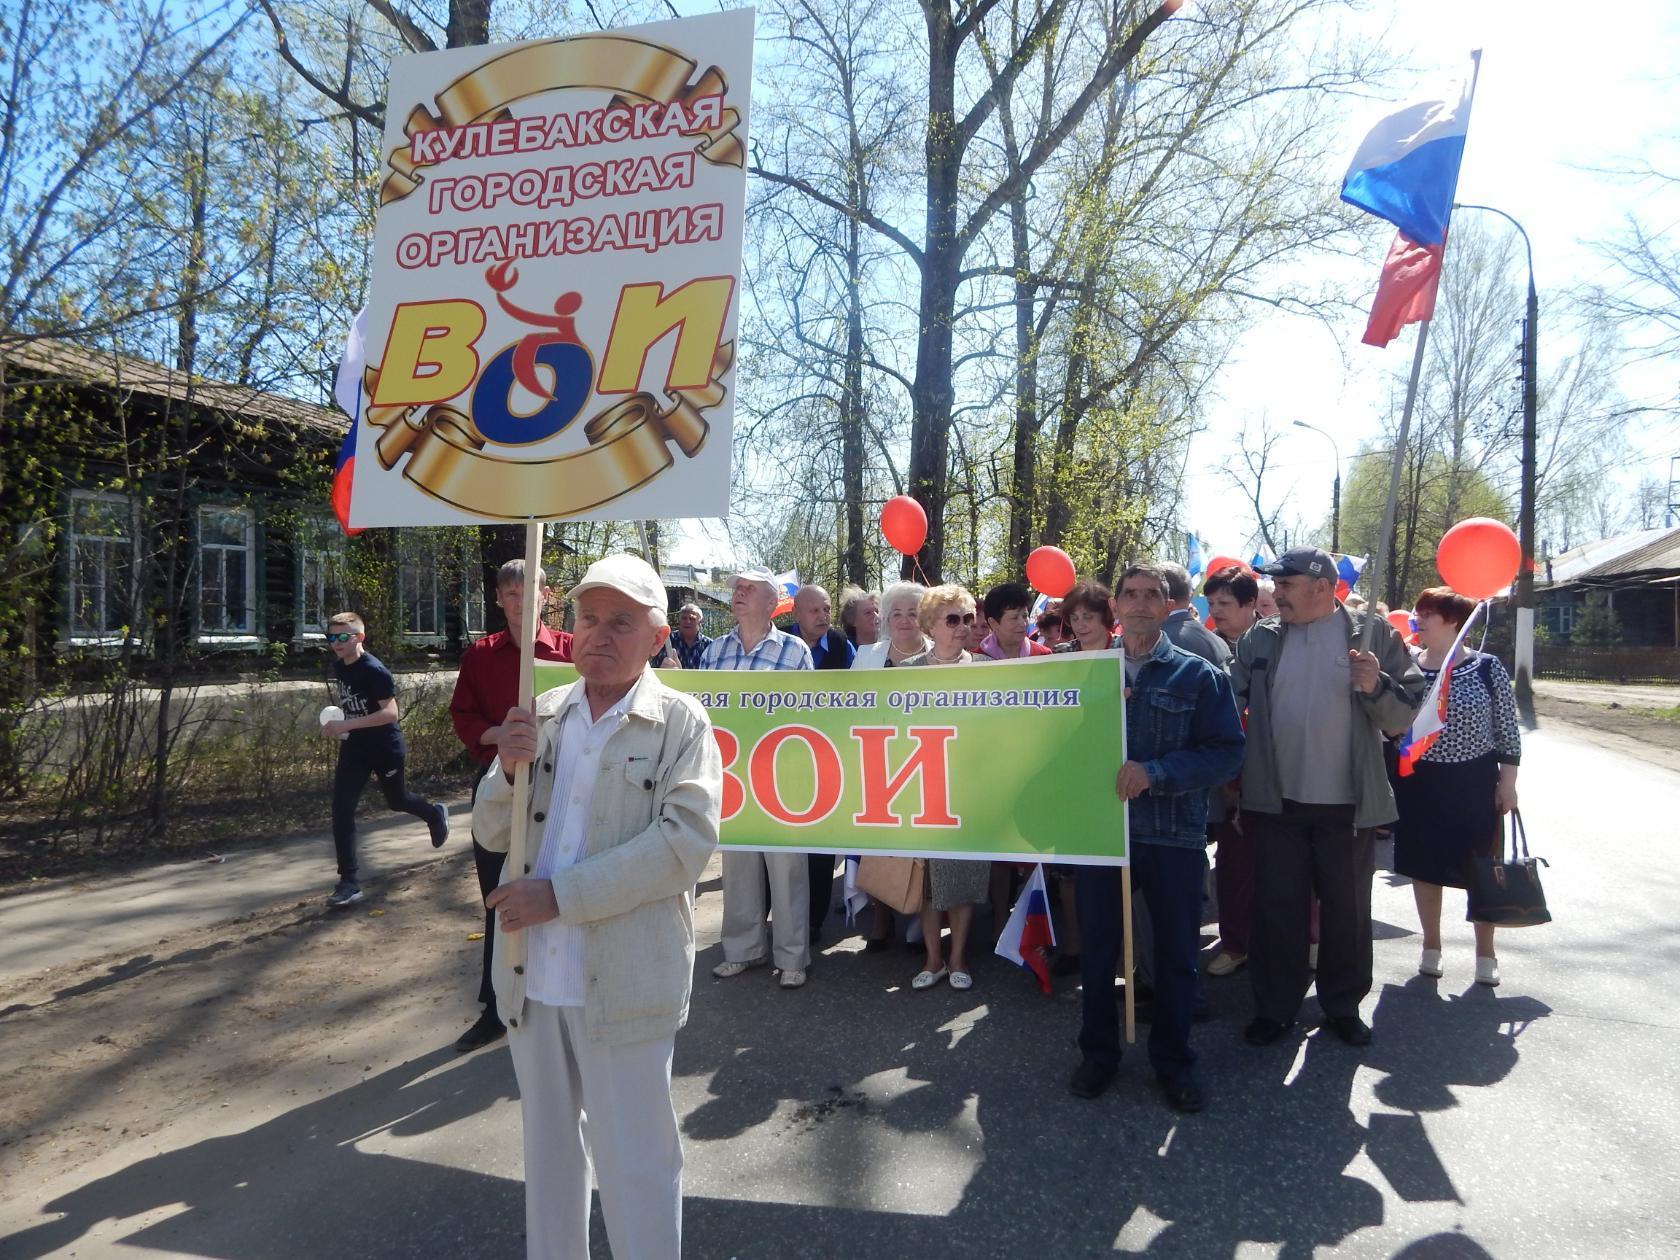 Кулебакская ГО ВОИ на первомайской демонстрации